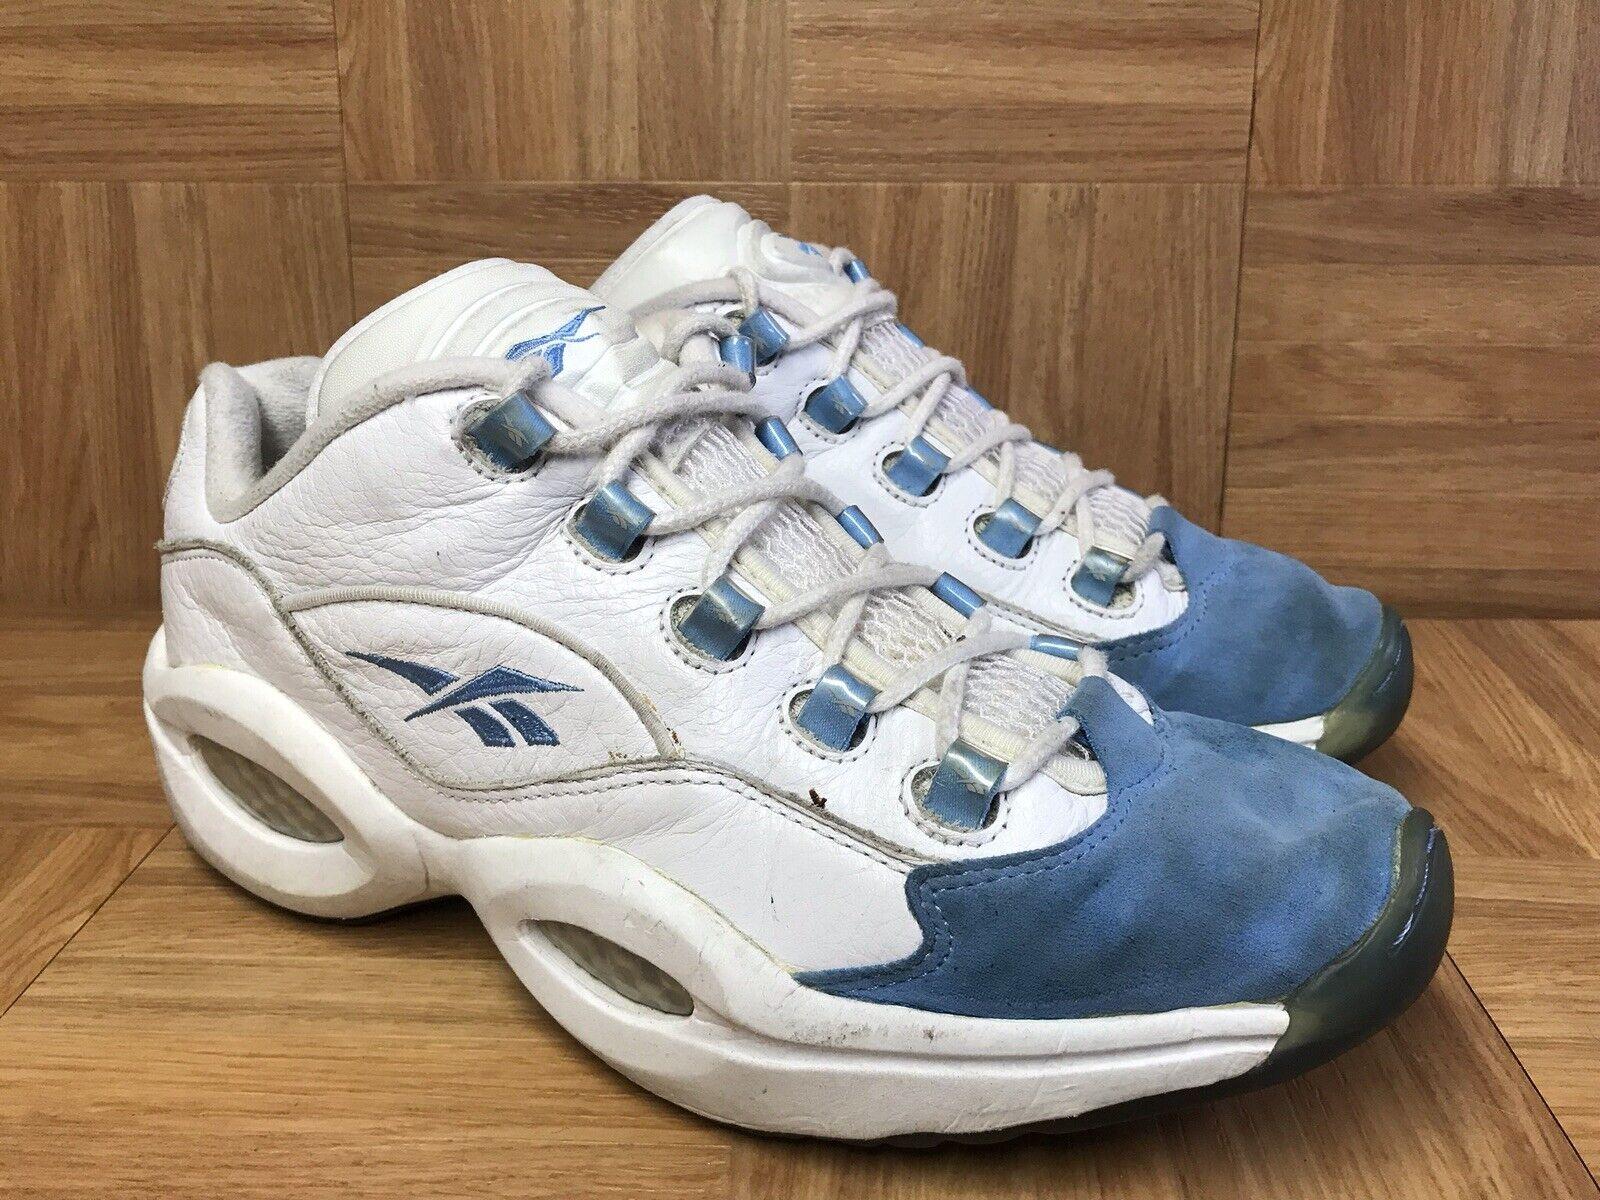 RARE Reebok Allen Iverson Low Carolina bluee White Sz 10 Men's Basketball shoes